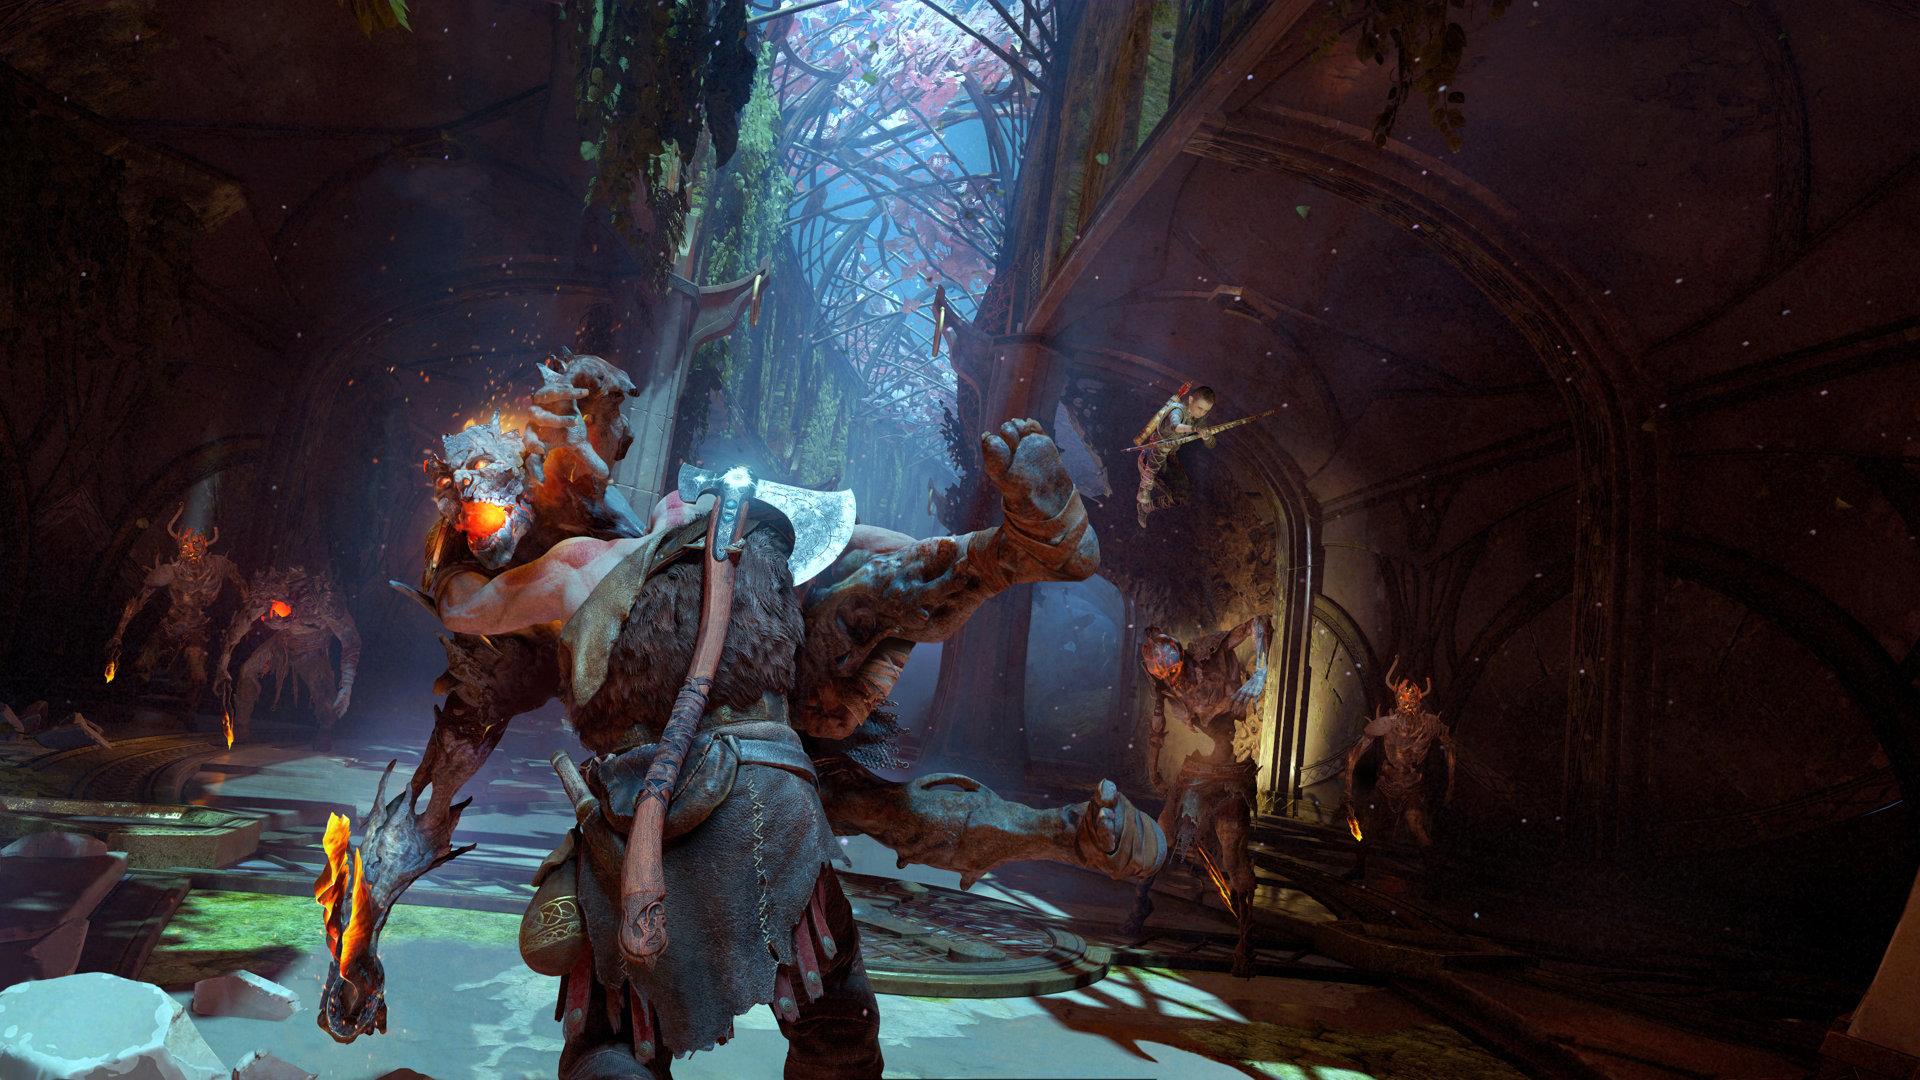 Следующие игры серии God of War могут основываться на культуре Египта или Майя